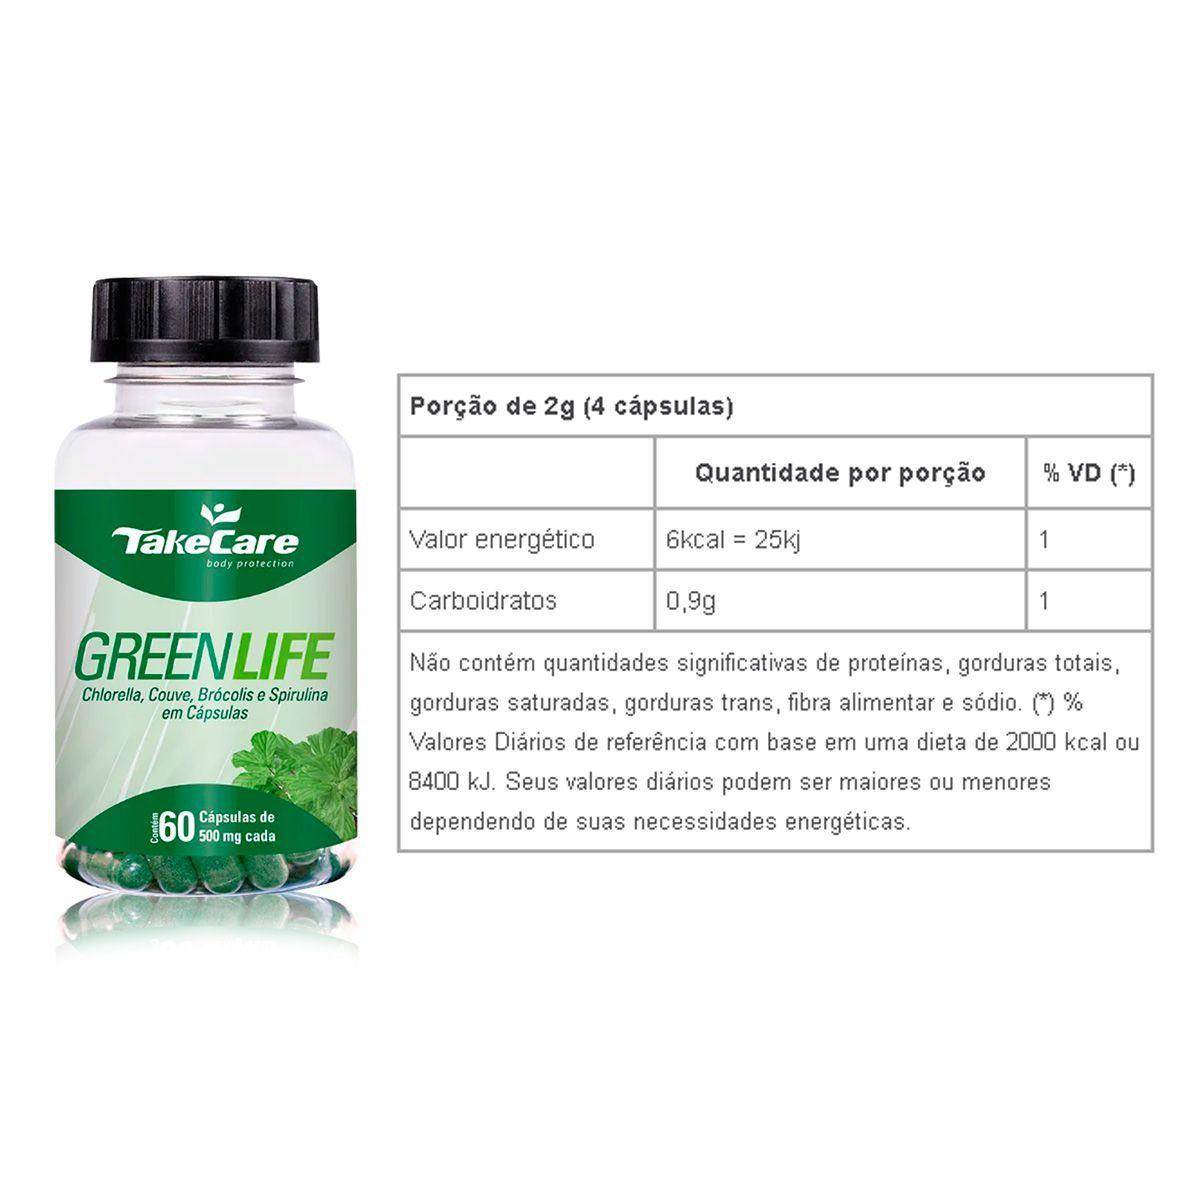 Green Life Chlorella, Couve, Brocolis e Spirulina 60 Caps - Take Care